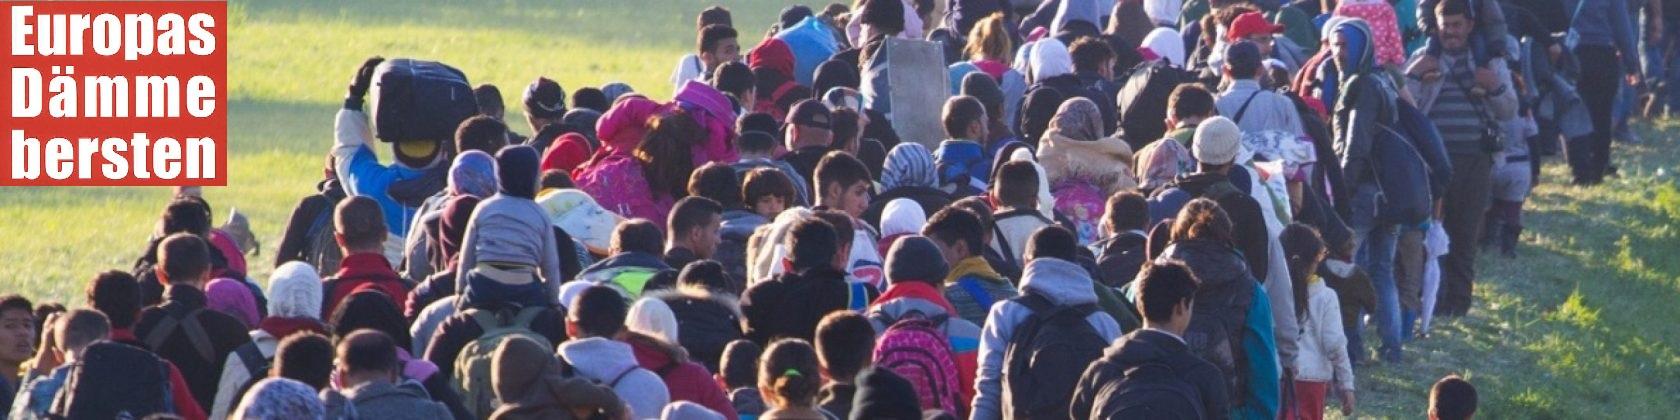 Europas Dämme bersten. Ursachen, Hintergründe und Folgen des Flüchtlings-Tsunamis – Der Blog zum Buch